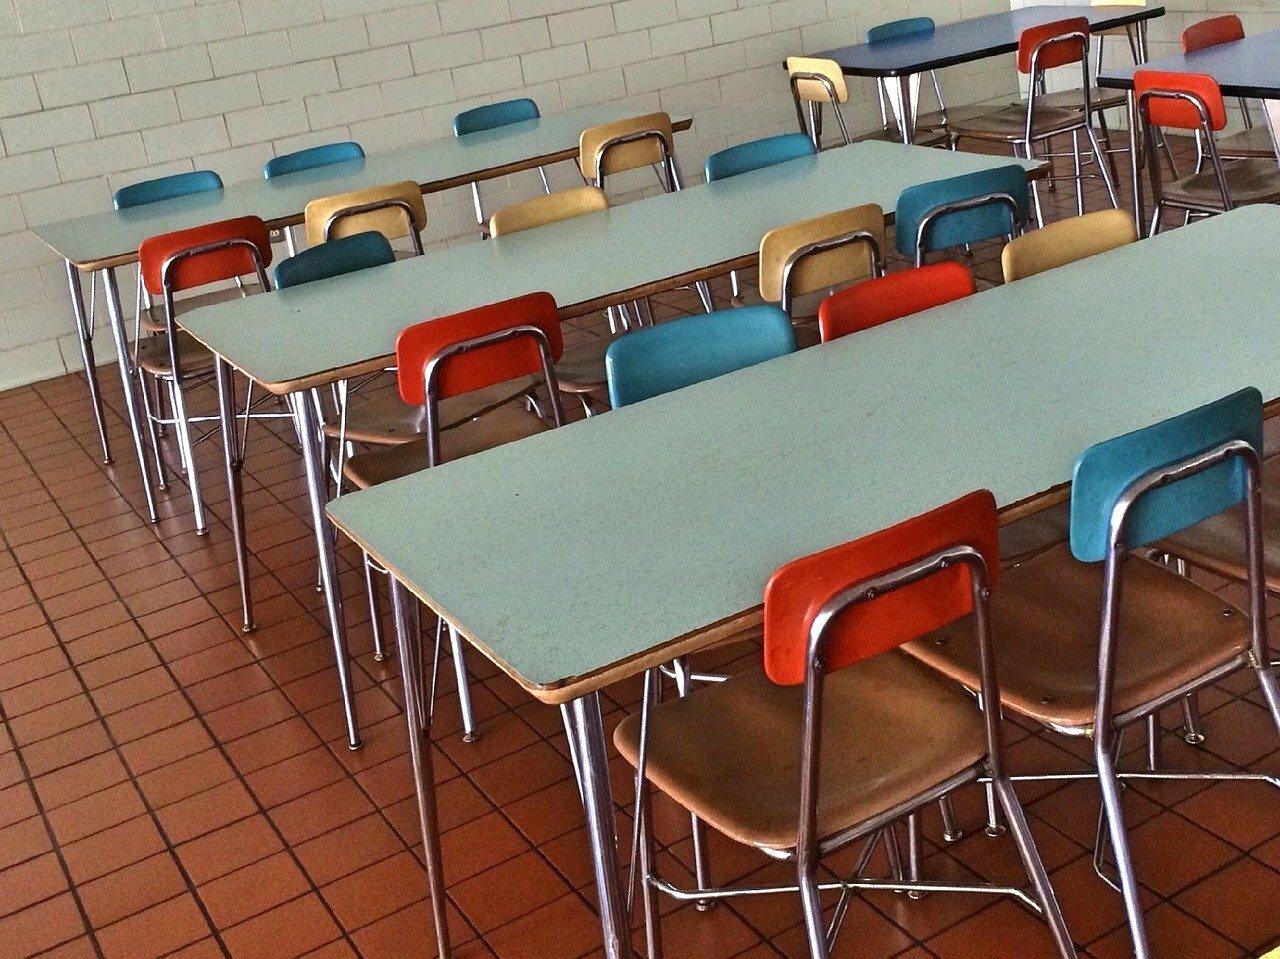 Cantine scolaire ©Wokandapix de Pixabay